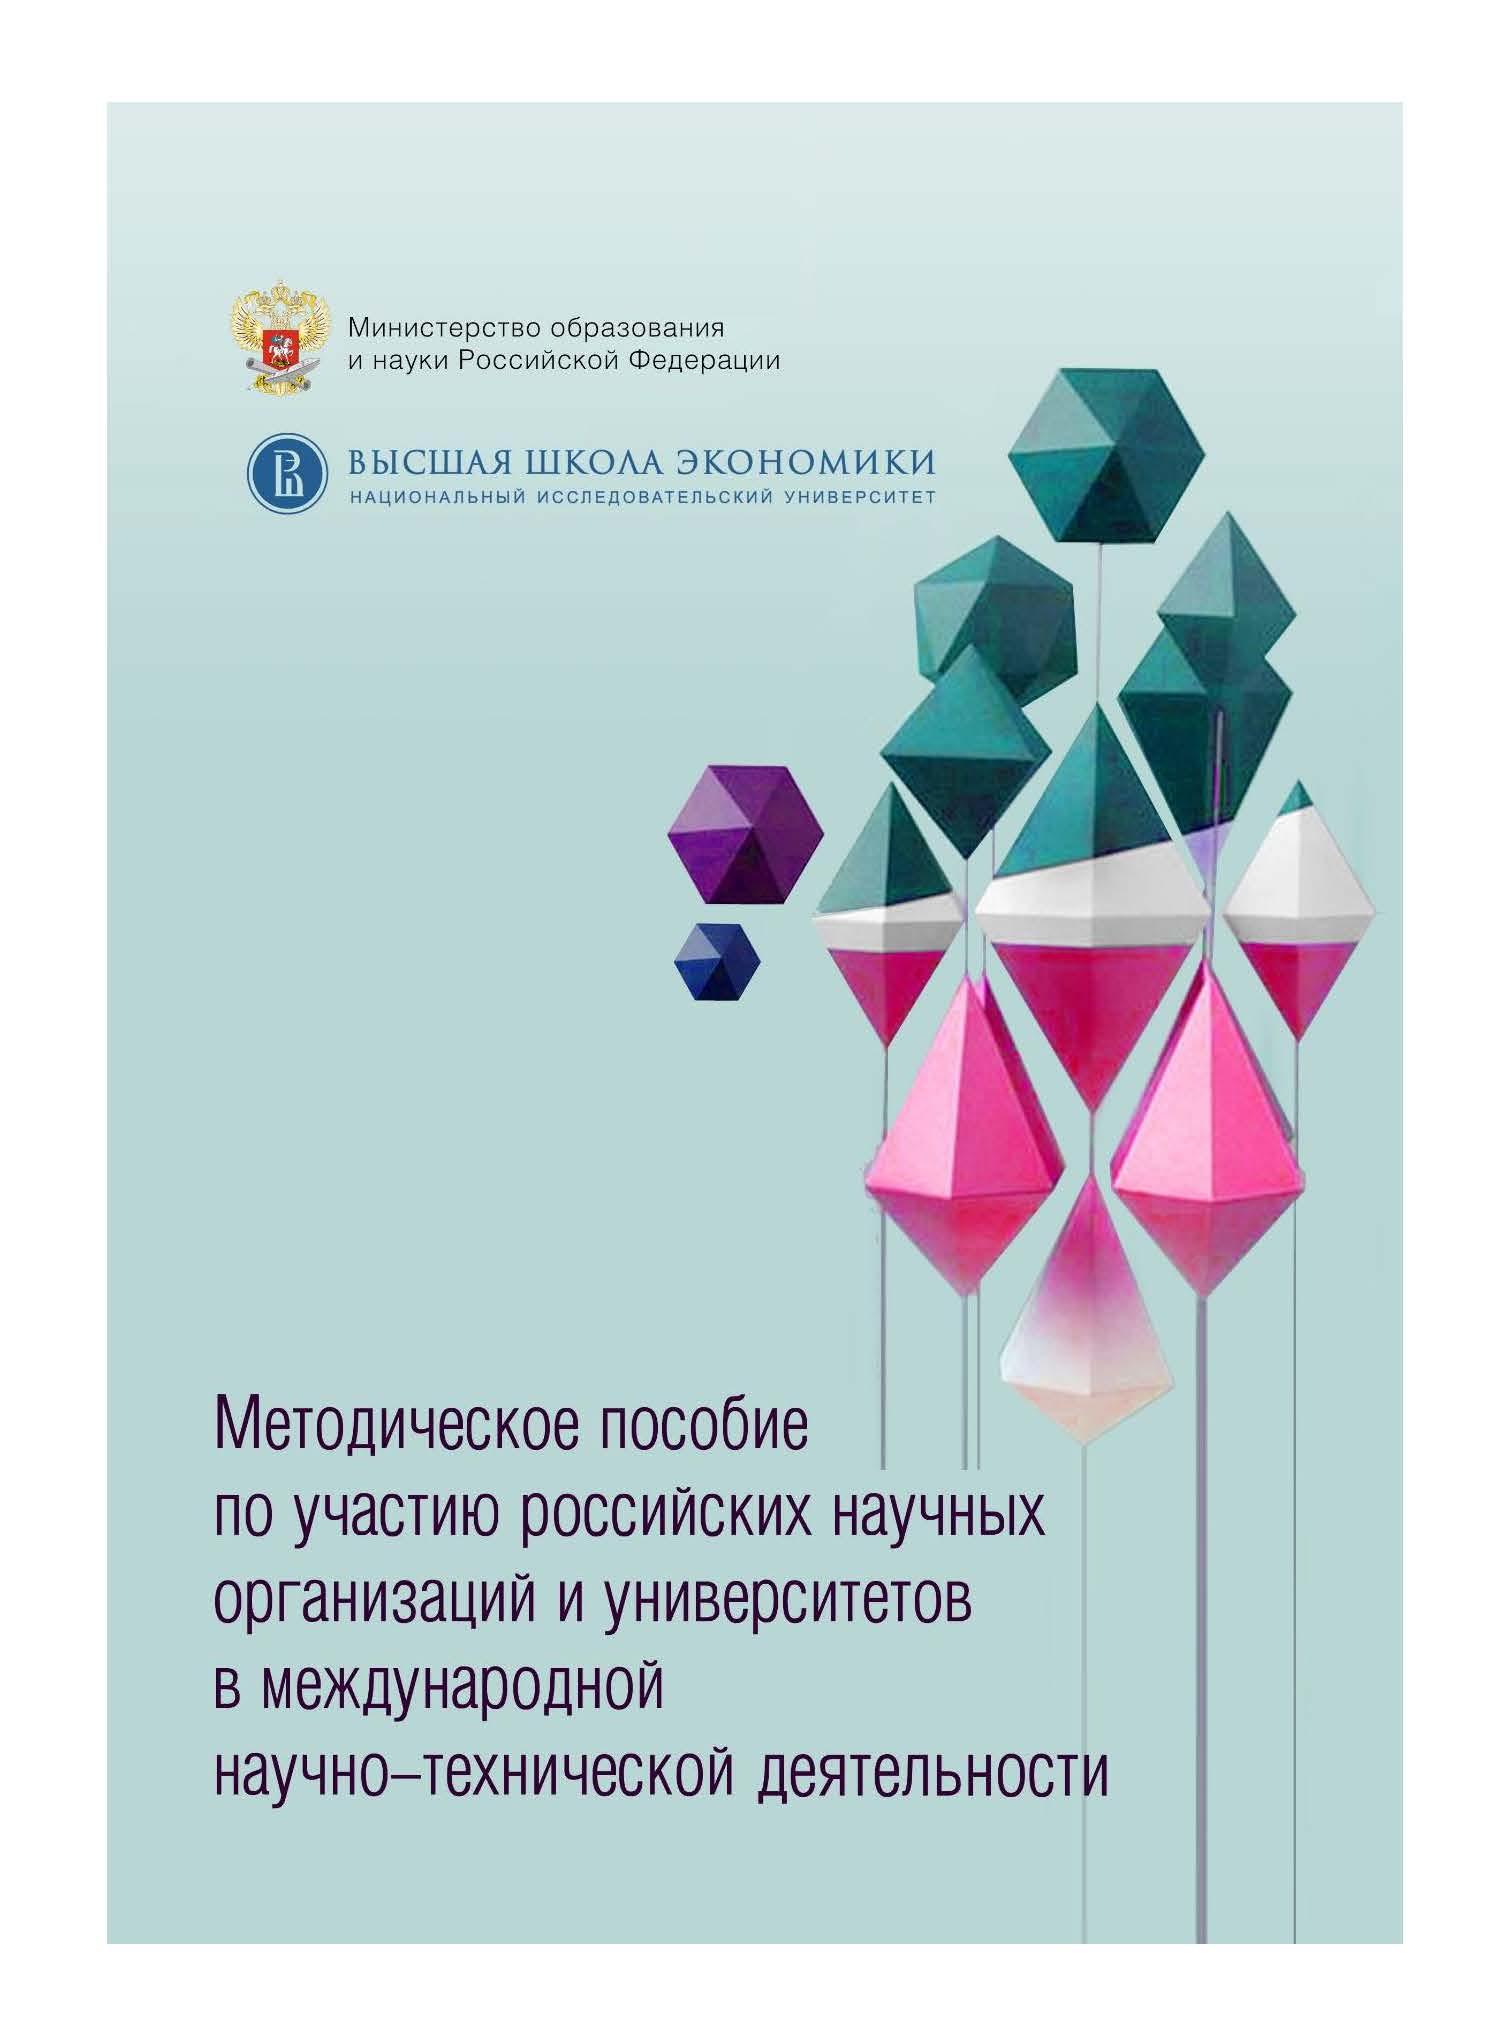 Методическое пособие по участию российских научных организаций и университетов в международной научно-технической деятельности